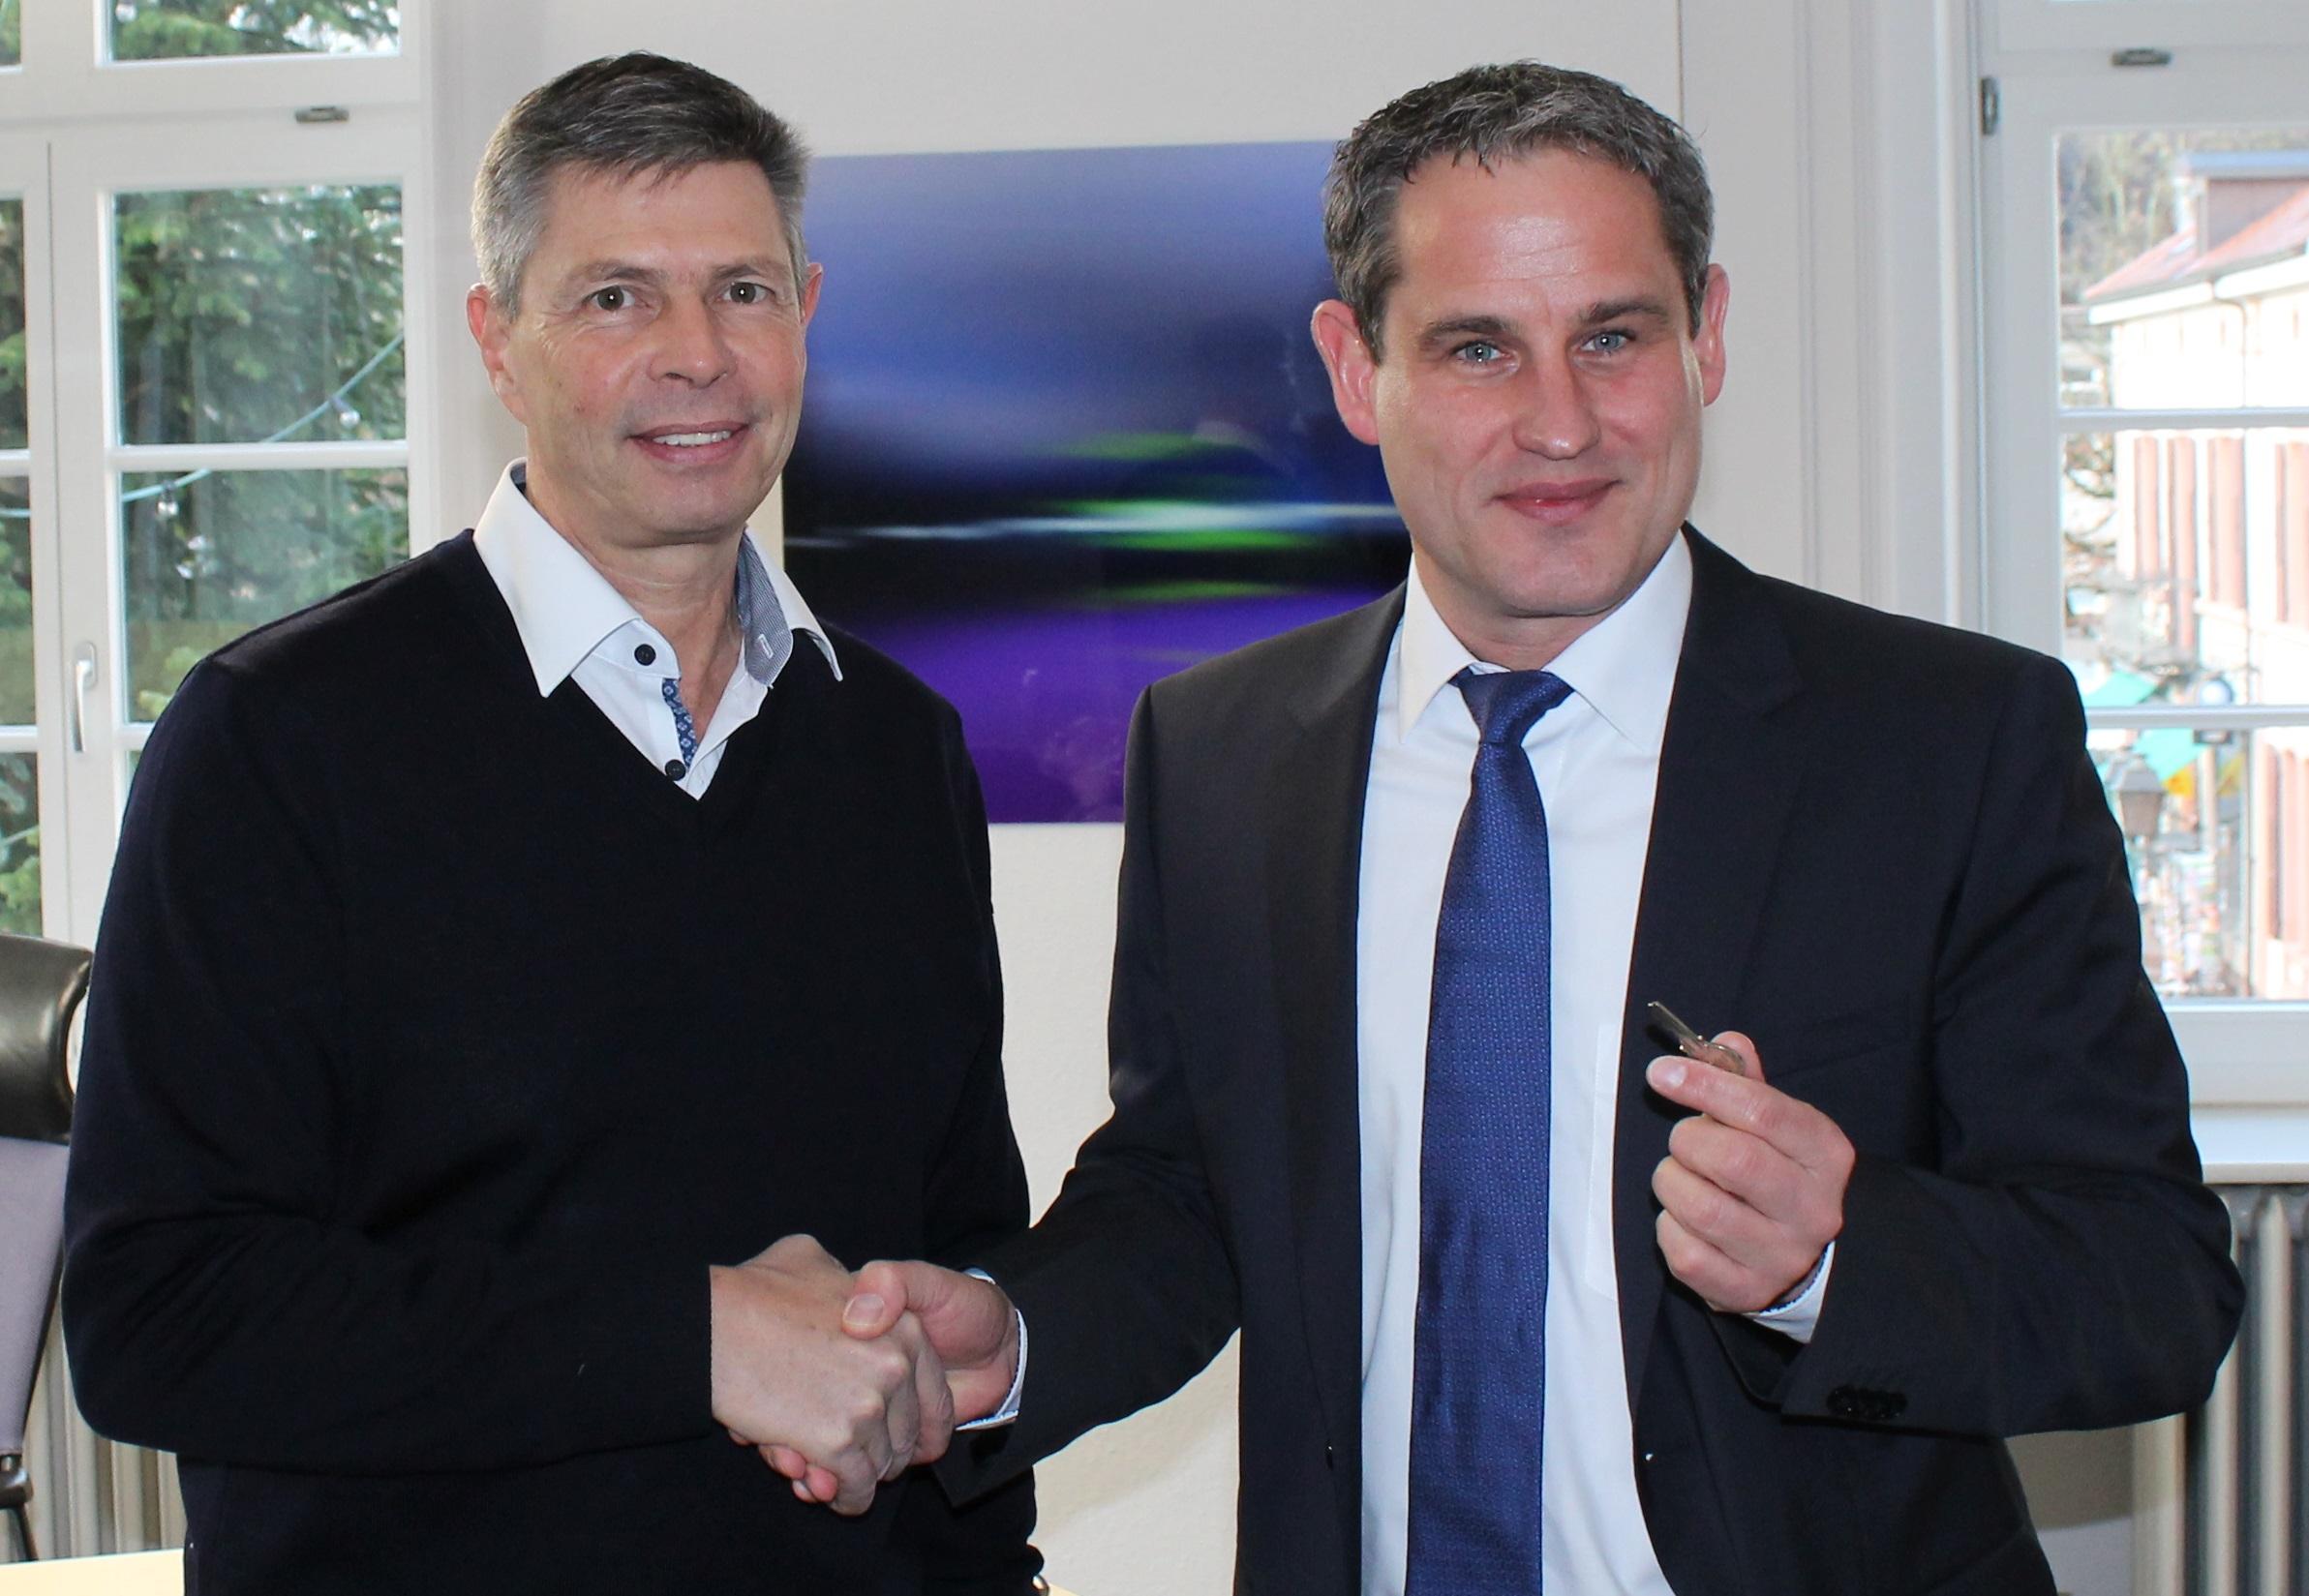 Vorgänger Christof Nitz übergibt Bürgermeister Dirk Harscher den Rathausschlüssel